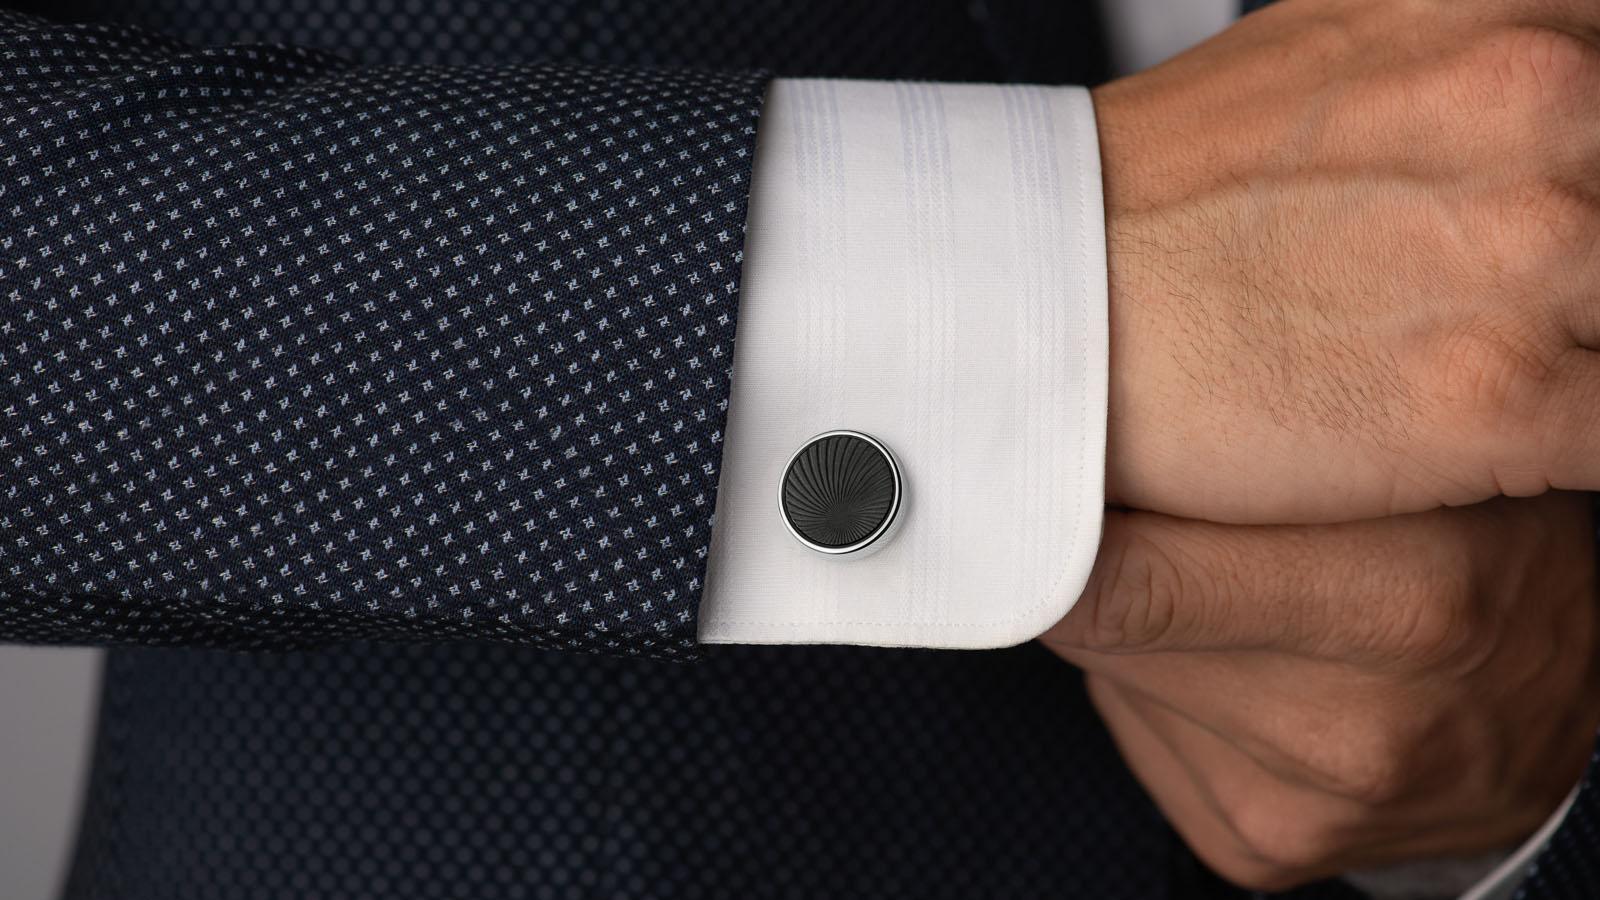 星座系列 袖扣 星座系列 袖扣 腕表 - CA01ST0000105